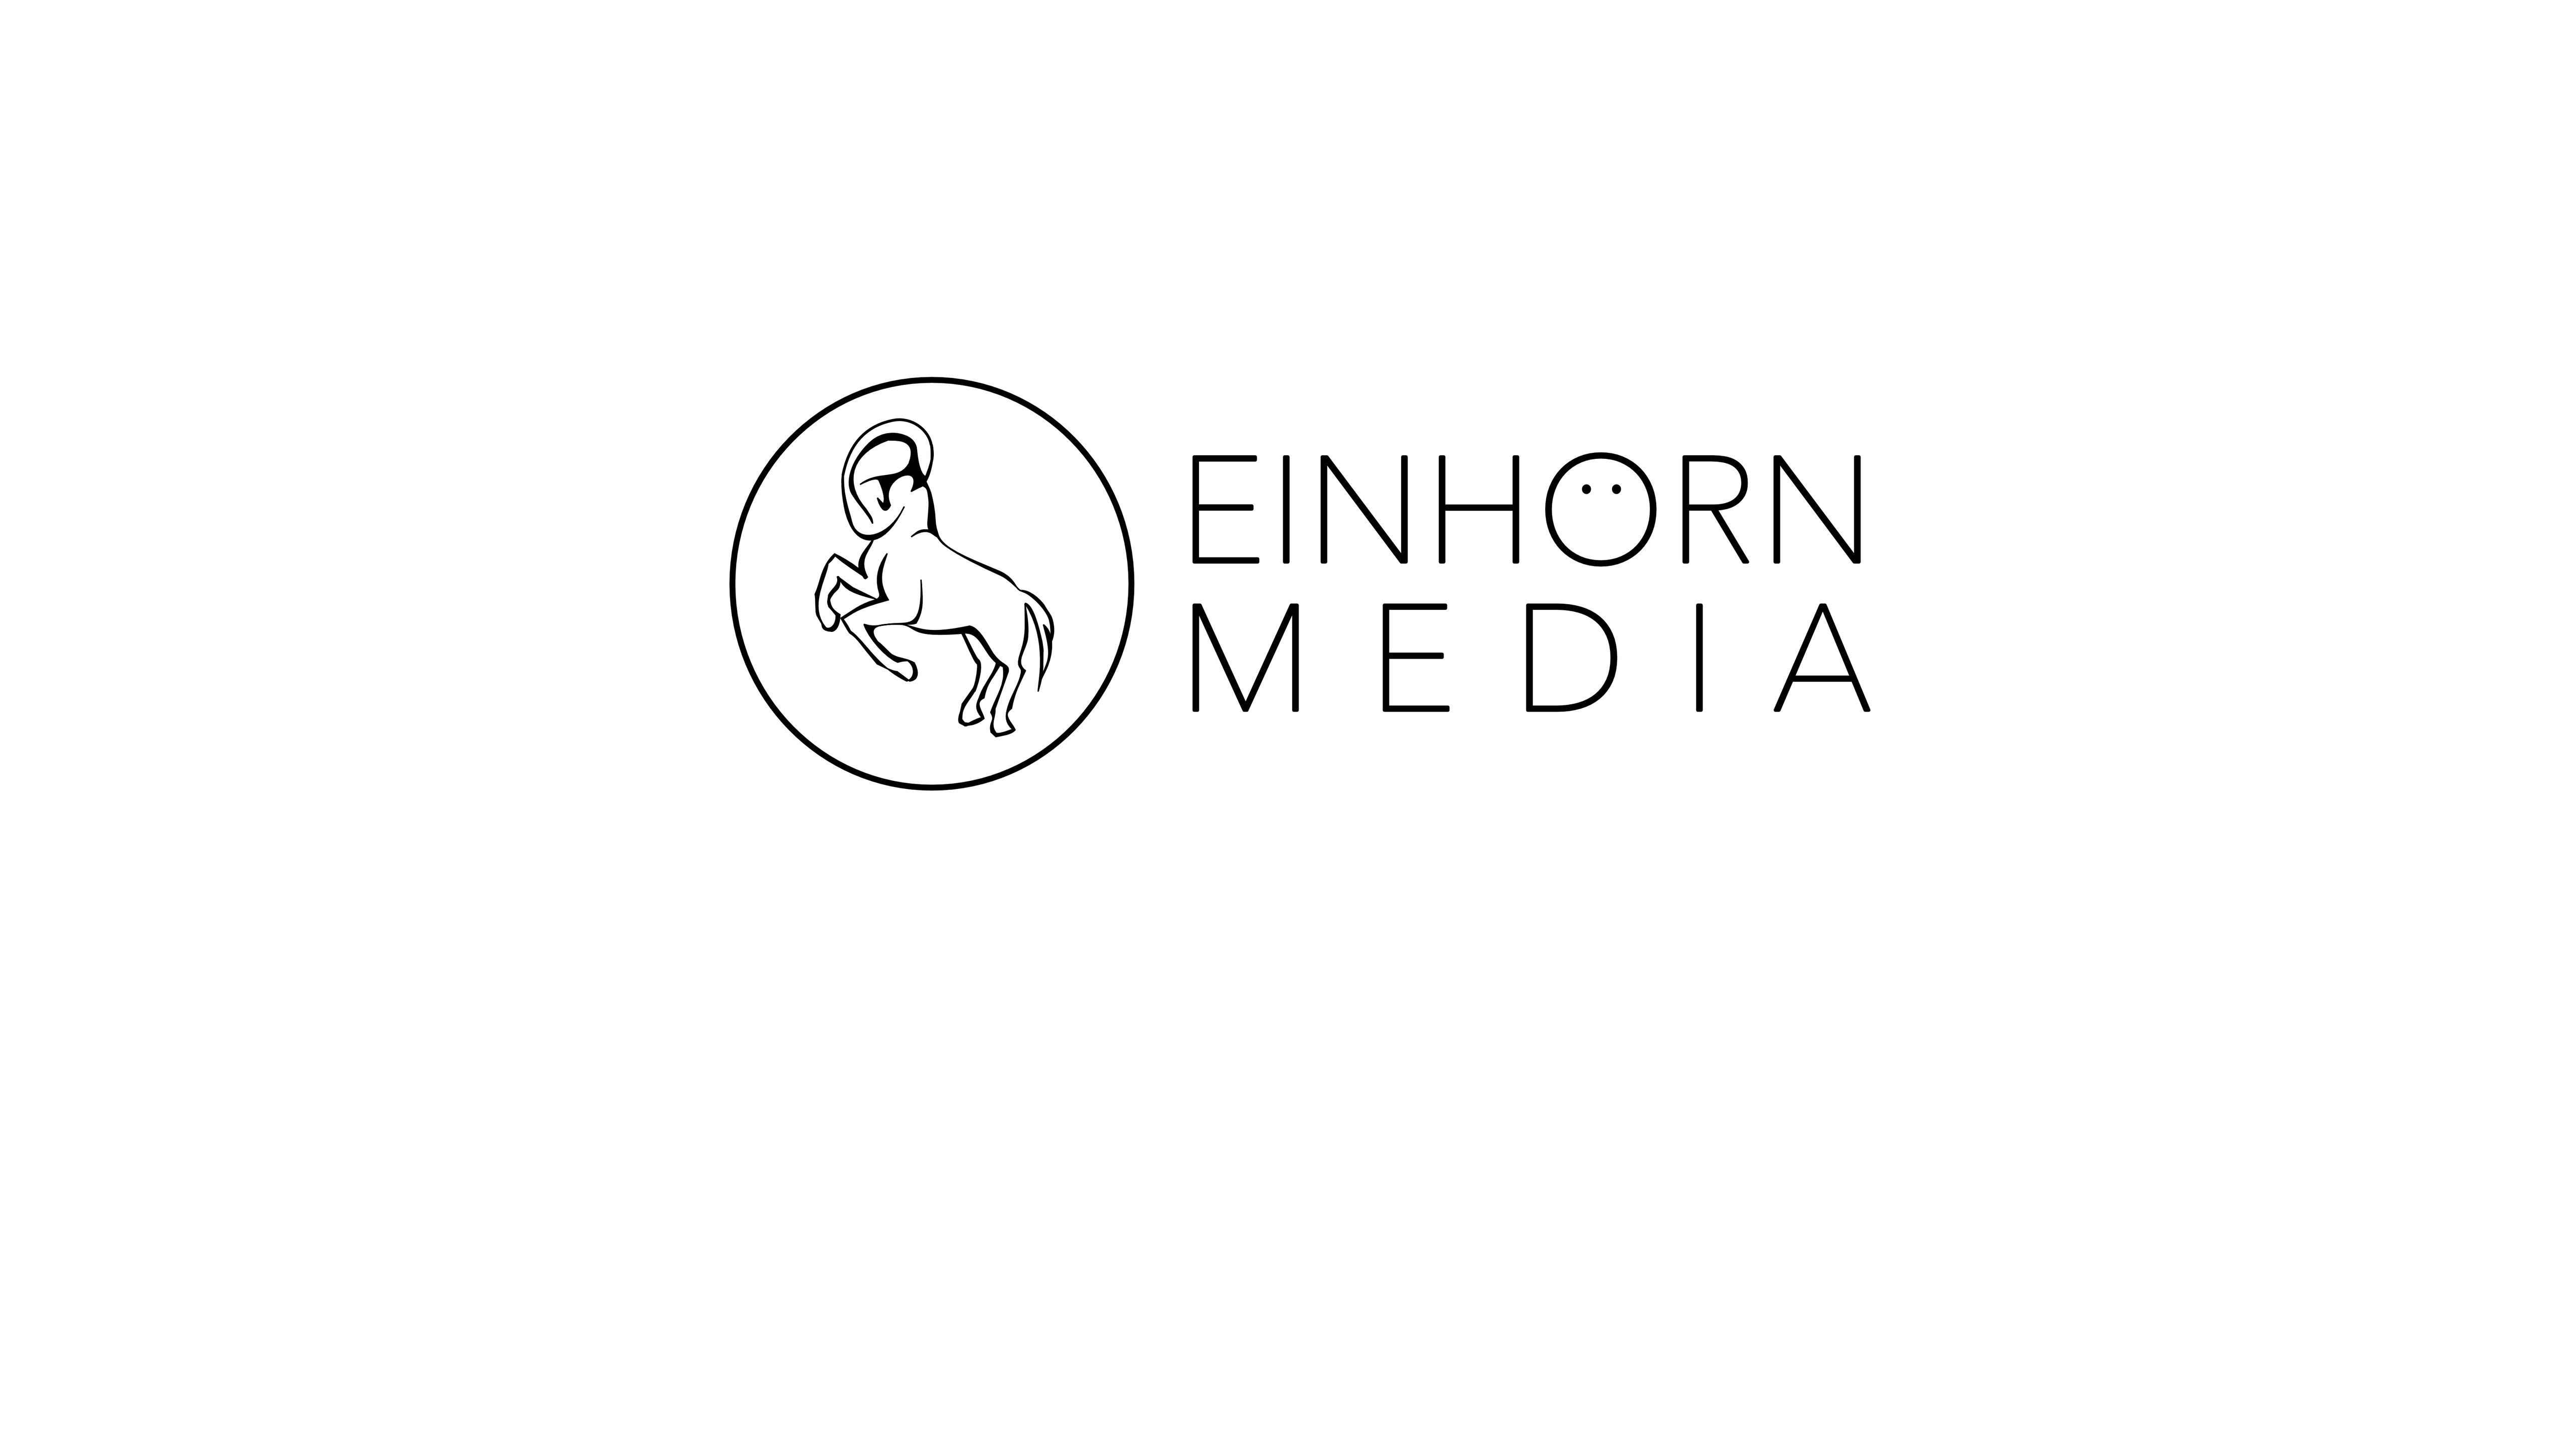 EiNHÖRN MEDIA